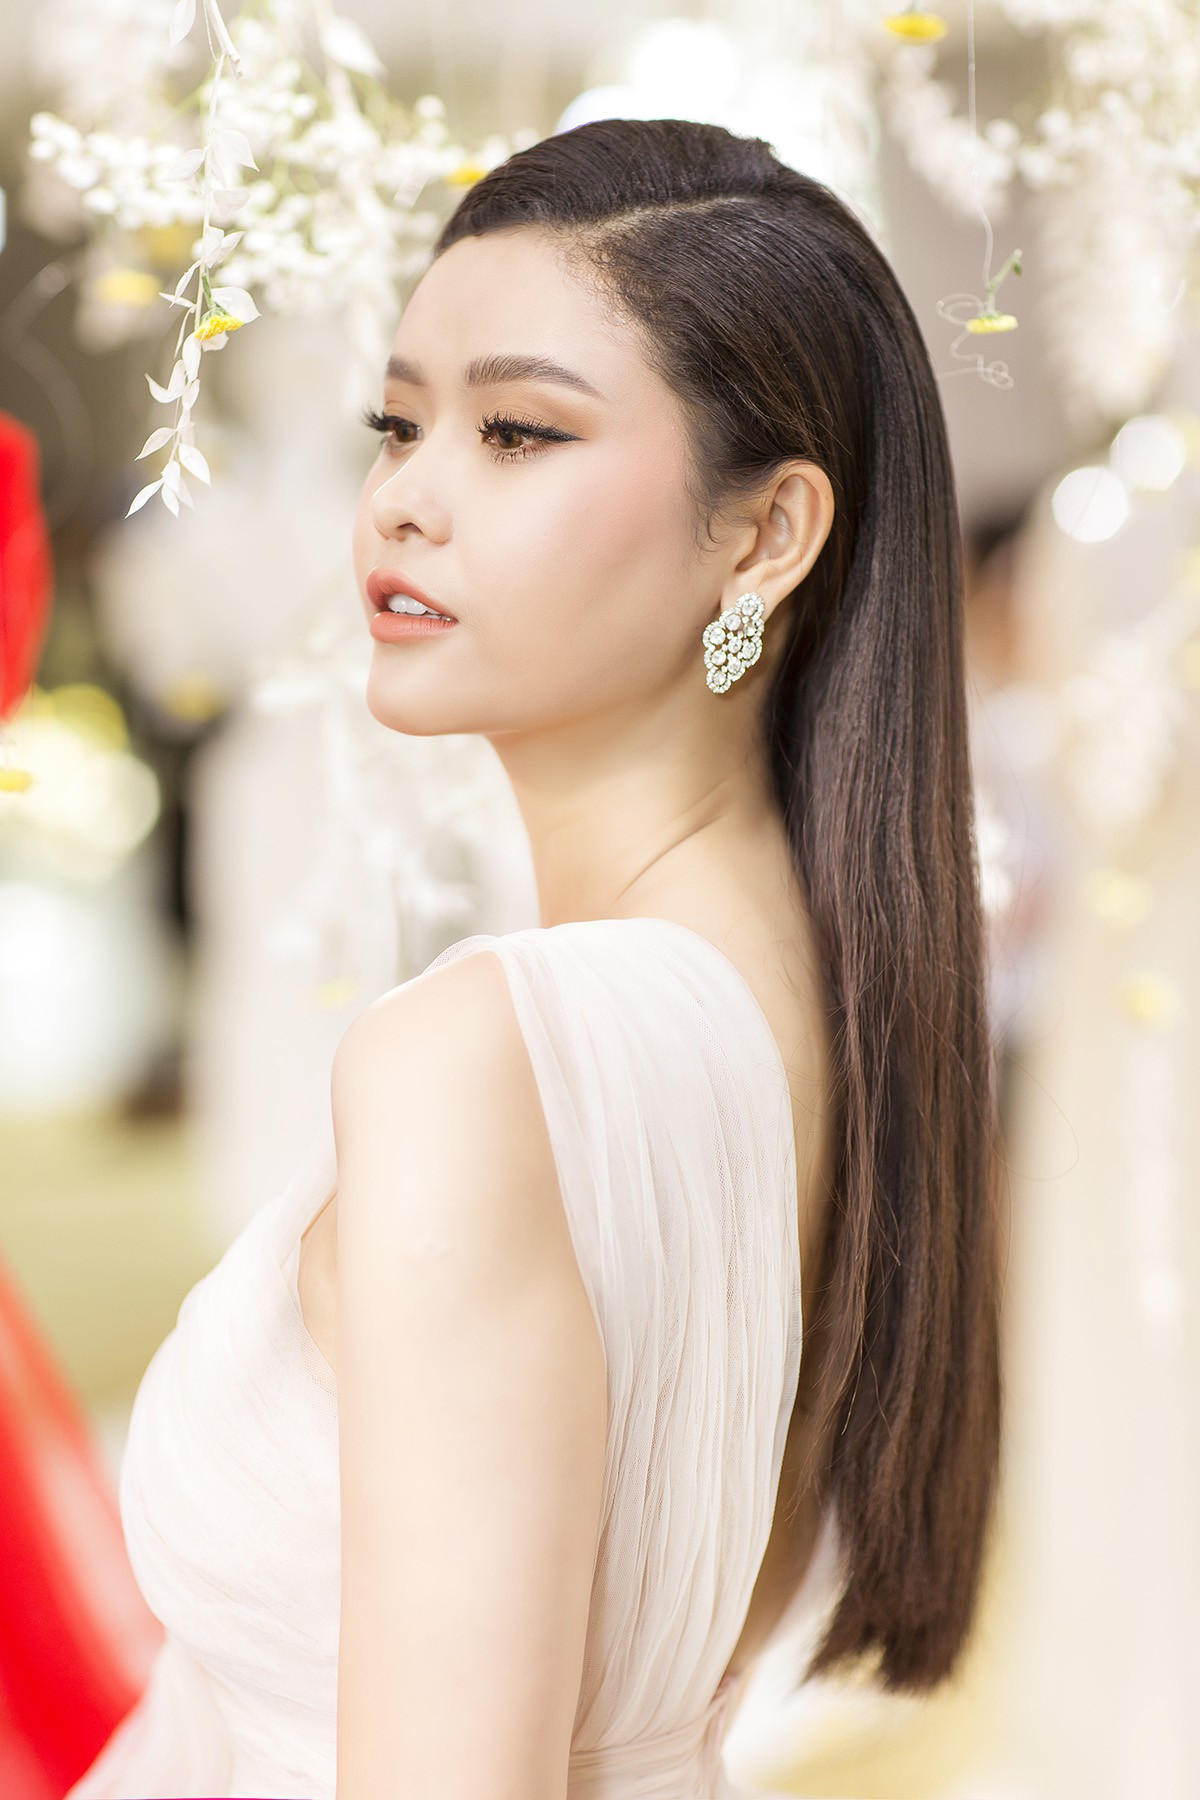 Tim vướng tin hẹn hò Đàm Phương Linh, Trương Quỳnh Anh tuyên bố: Chuyện bên ngoài cánh cửa tôi đã không quan tâm nữa-4